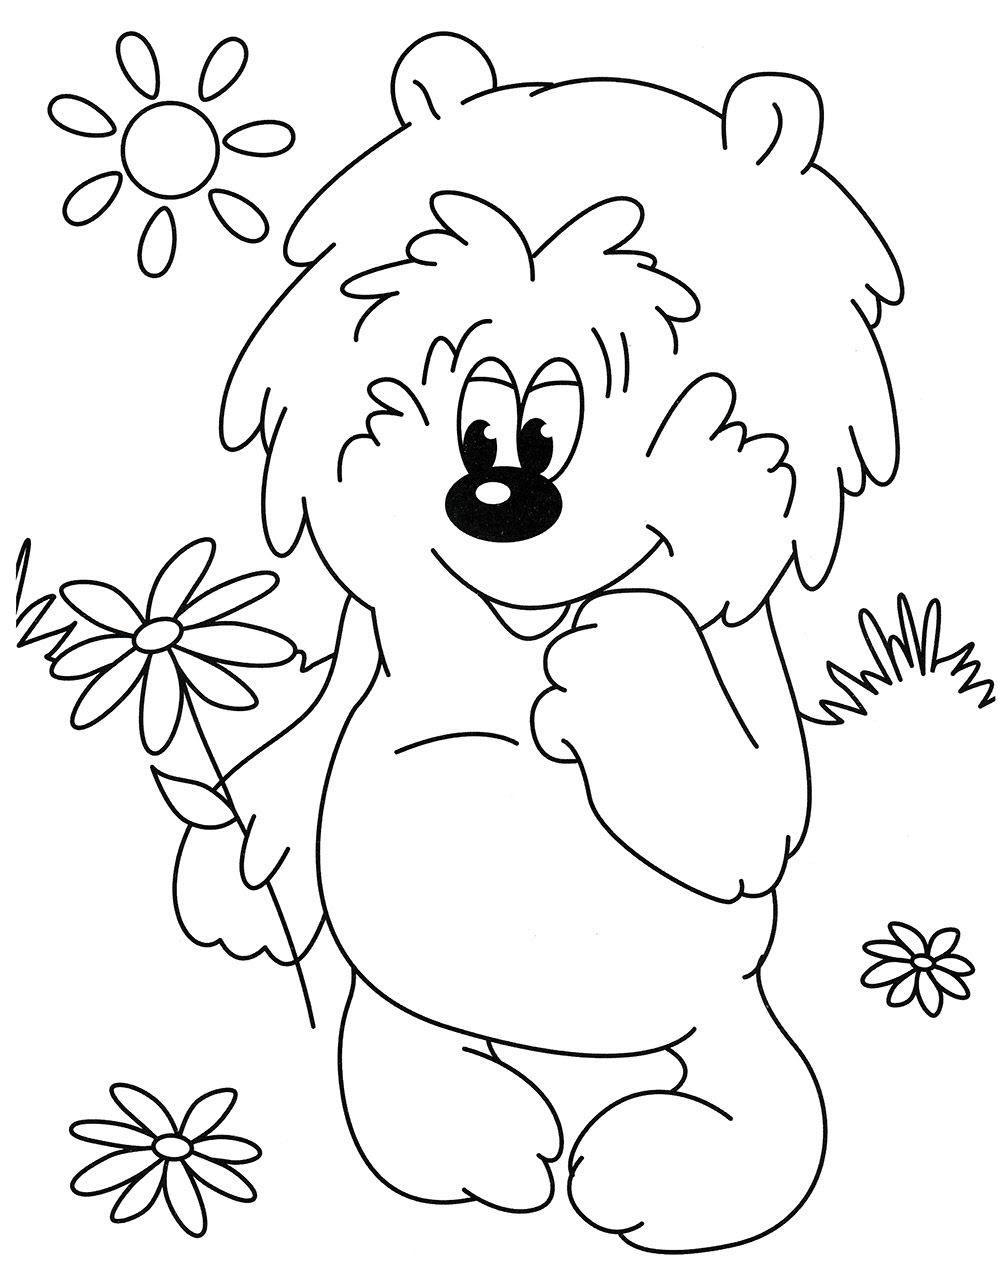 ежик и медвежонок раскраска с цветком